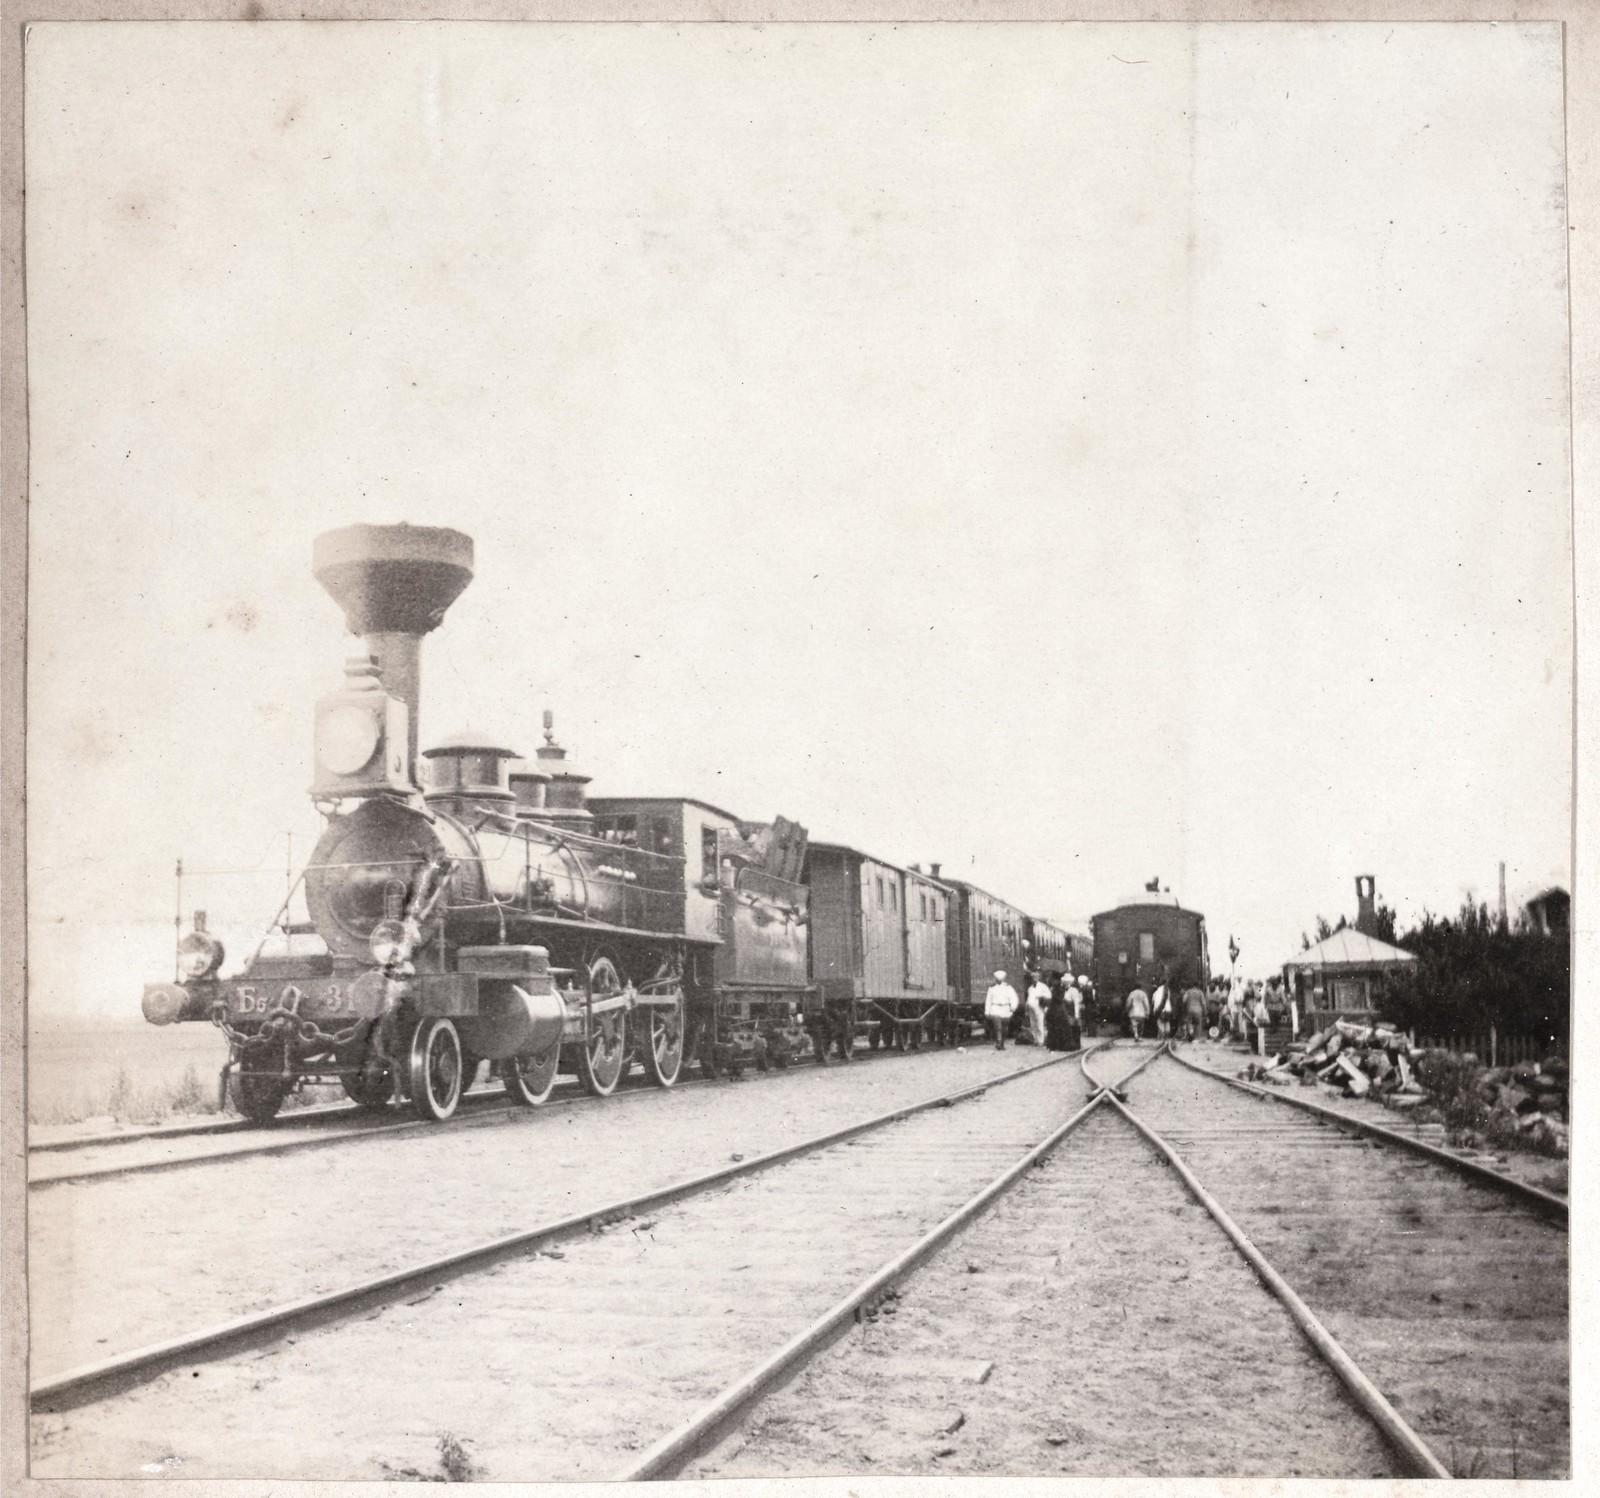 Поезд на Уссурийской линии Транссибирской магистрали между Владивостоком и Хабаровском